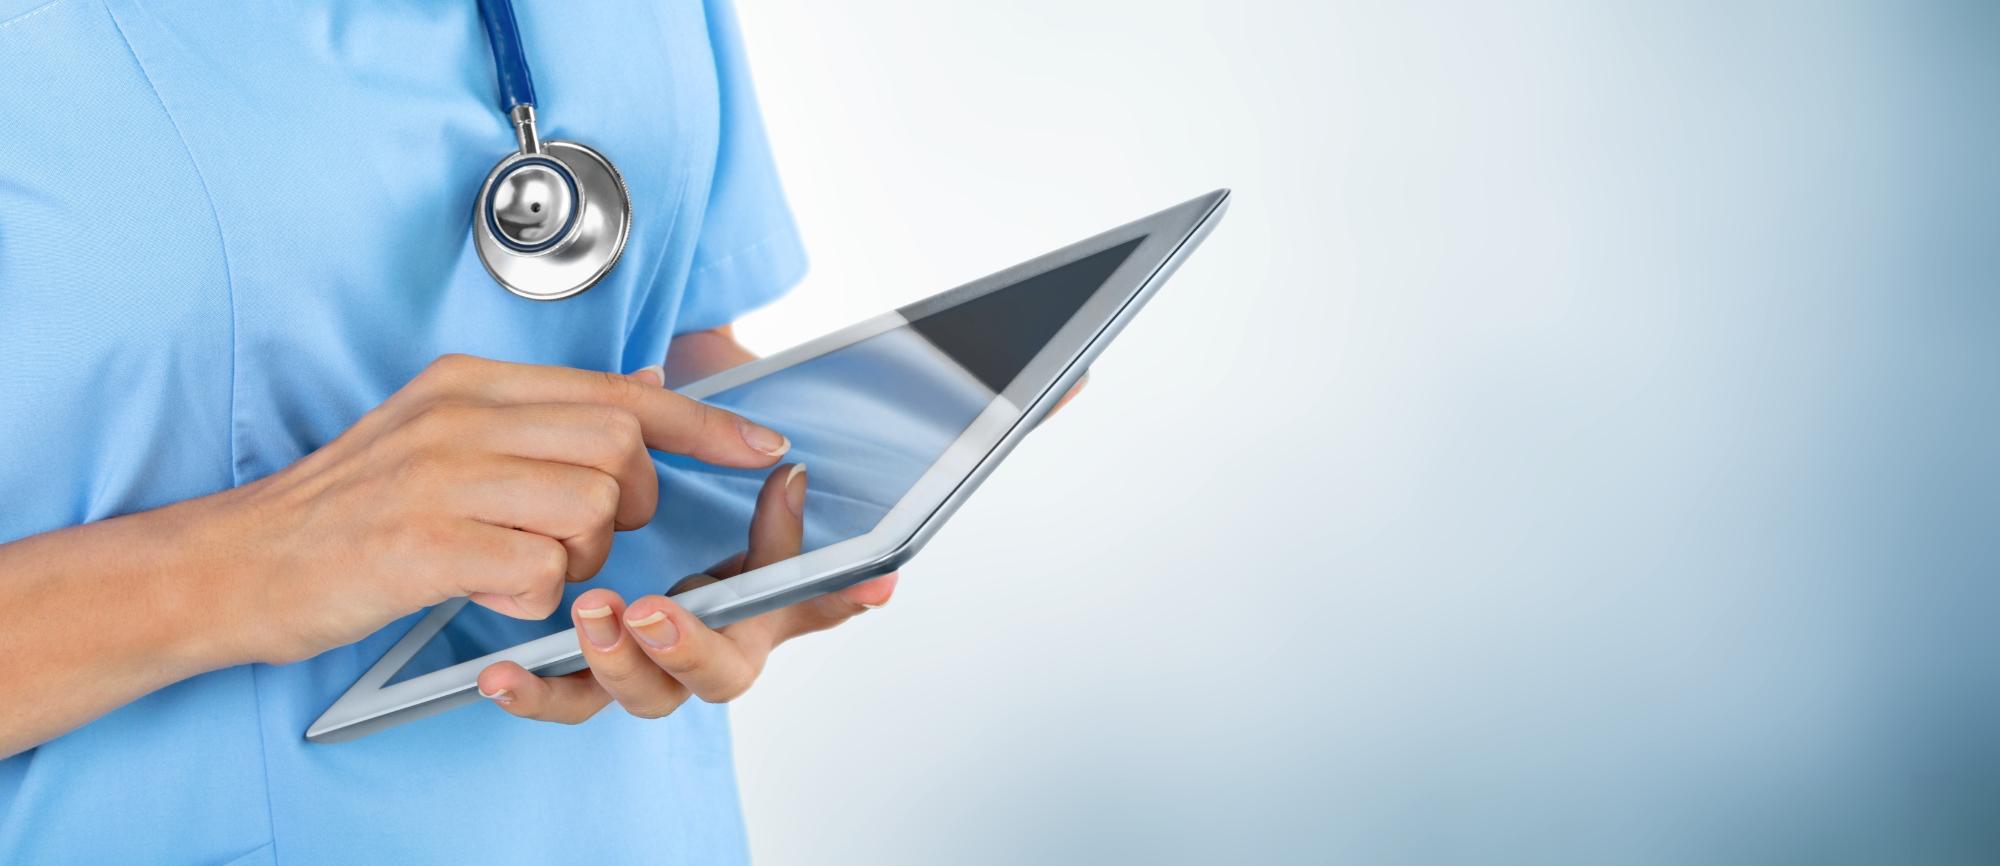 Warum ist Digitalisierung für Pflegekräfte wichtig?